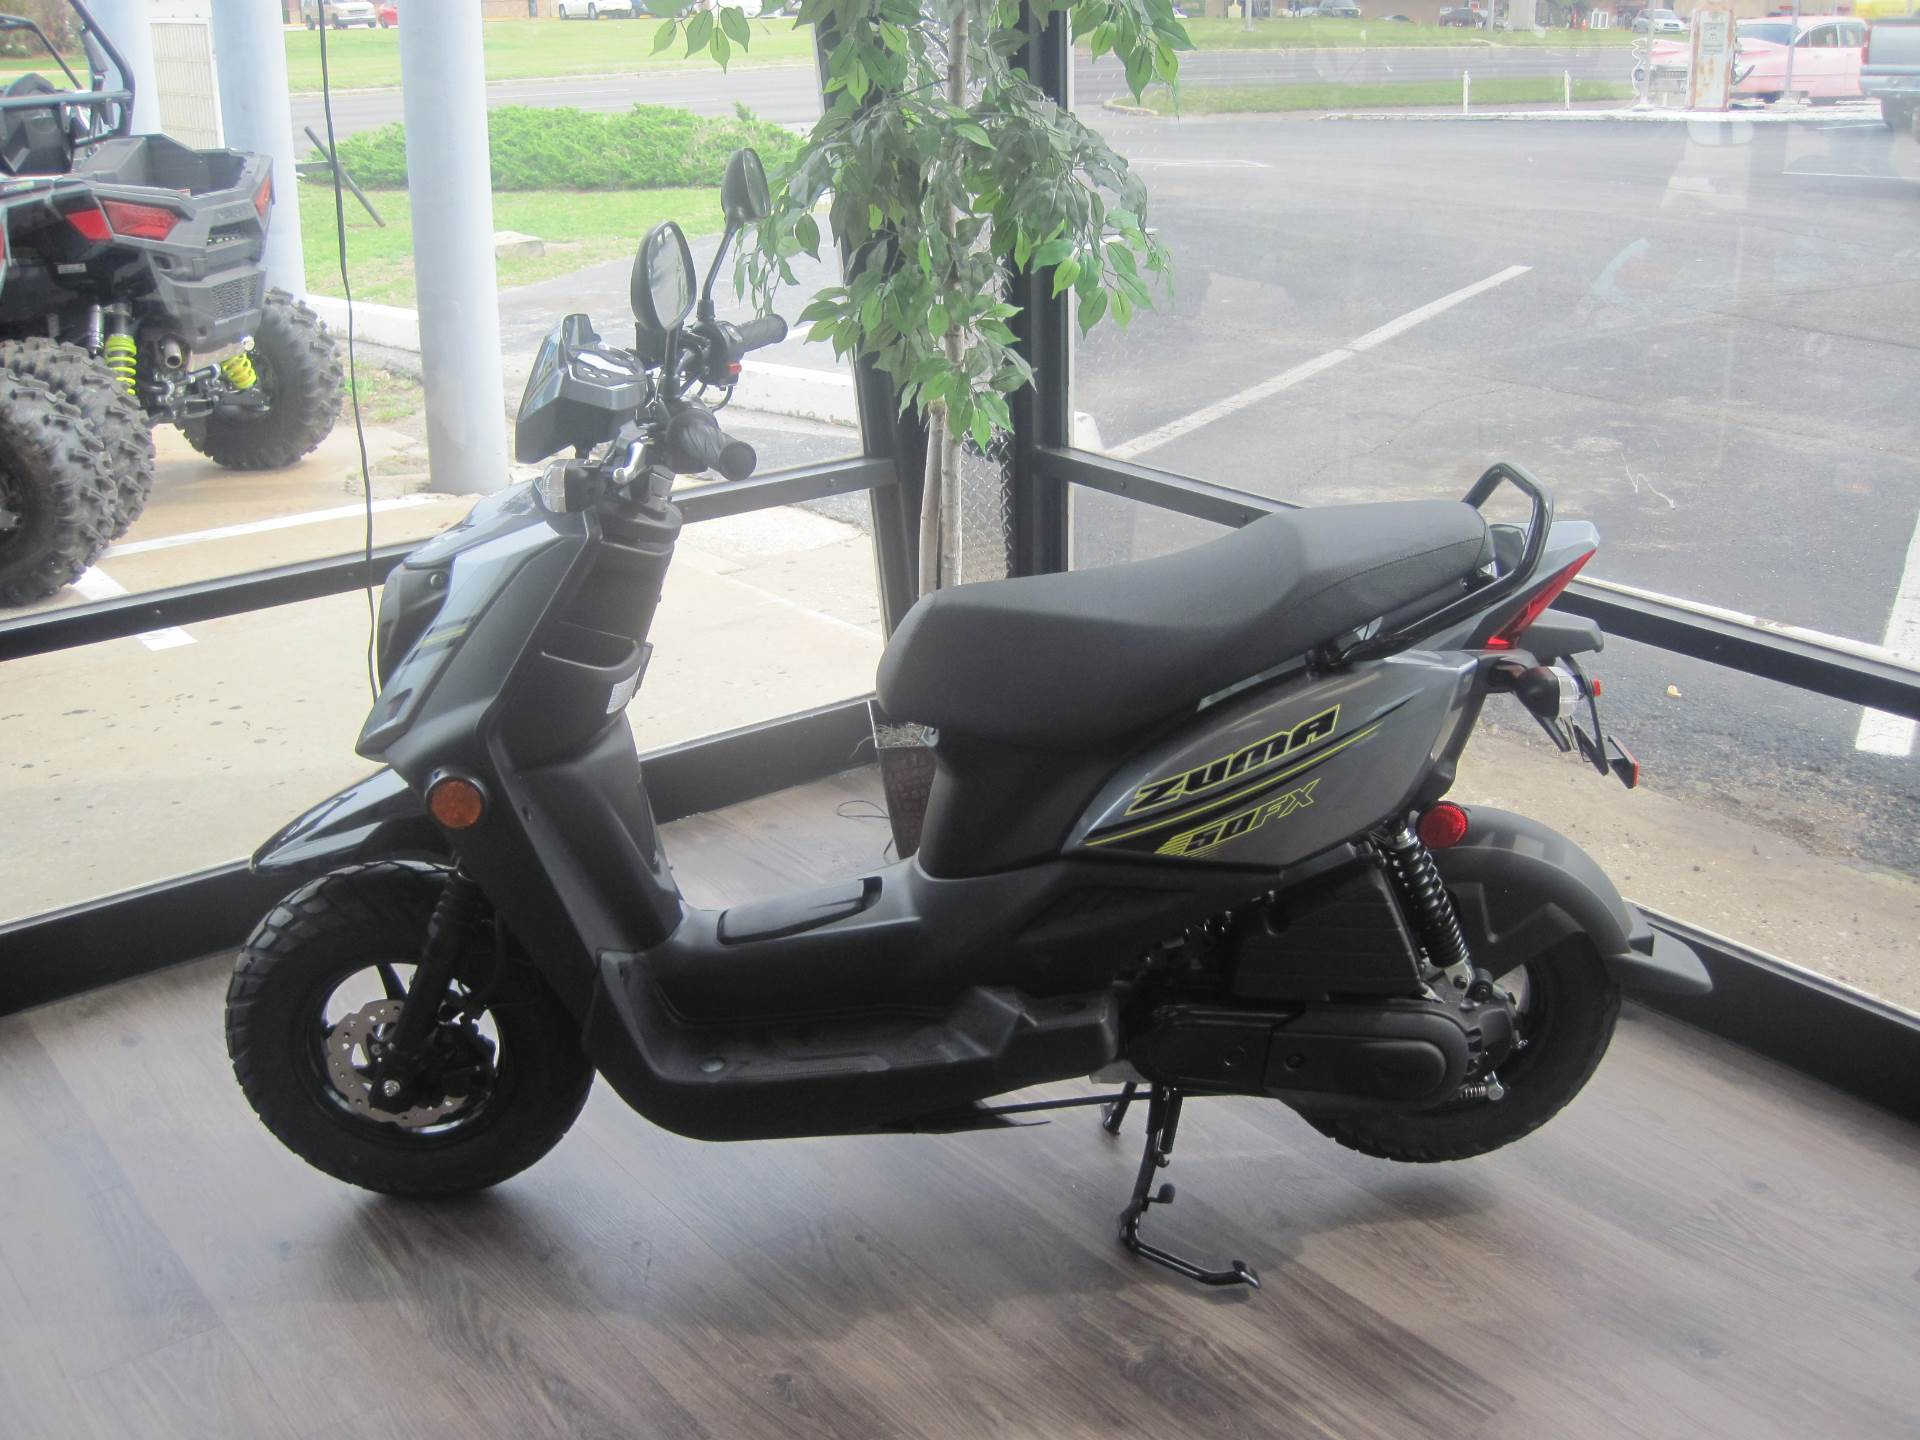 2016 Yamaha Zuma 50FX in Oklahoma City, Oklahoma